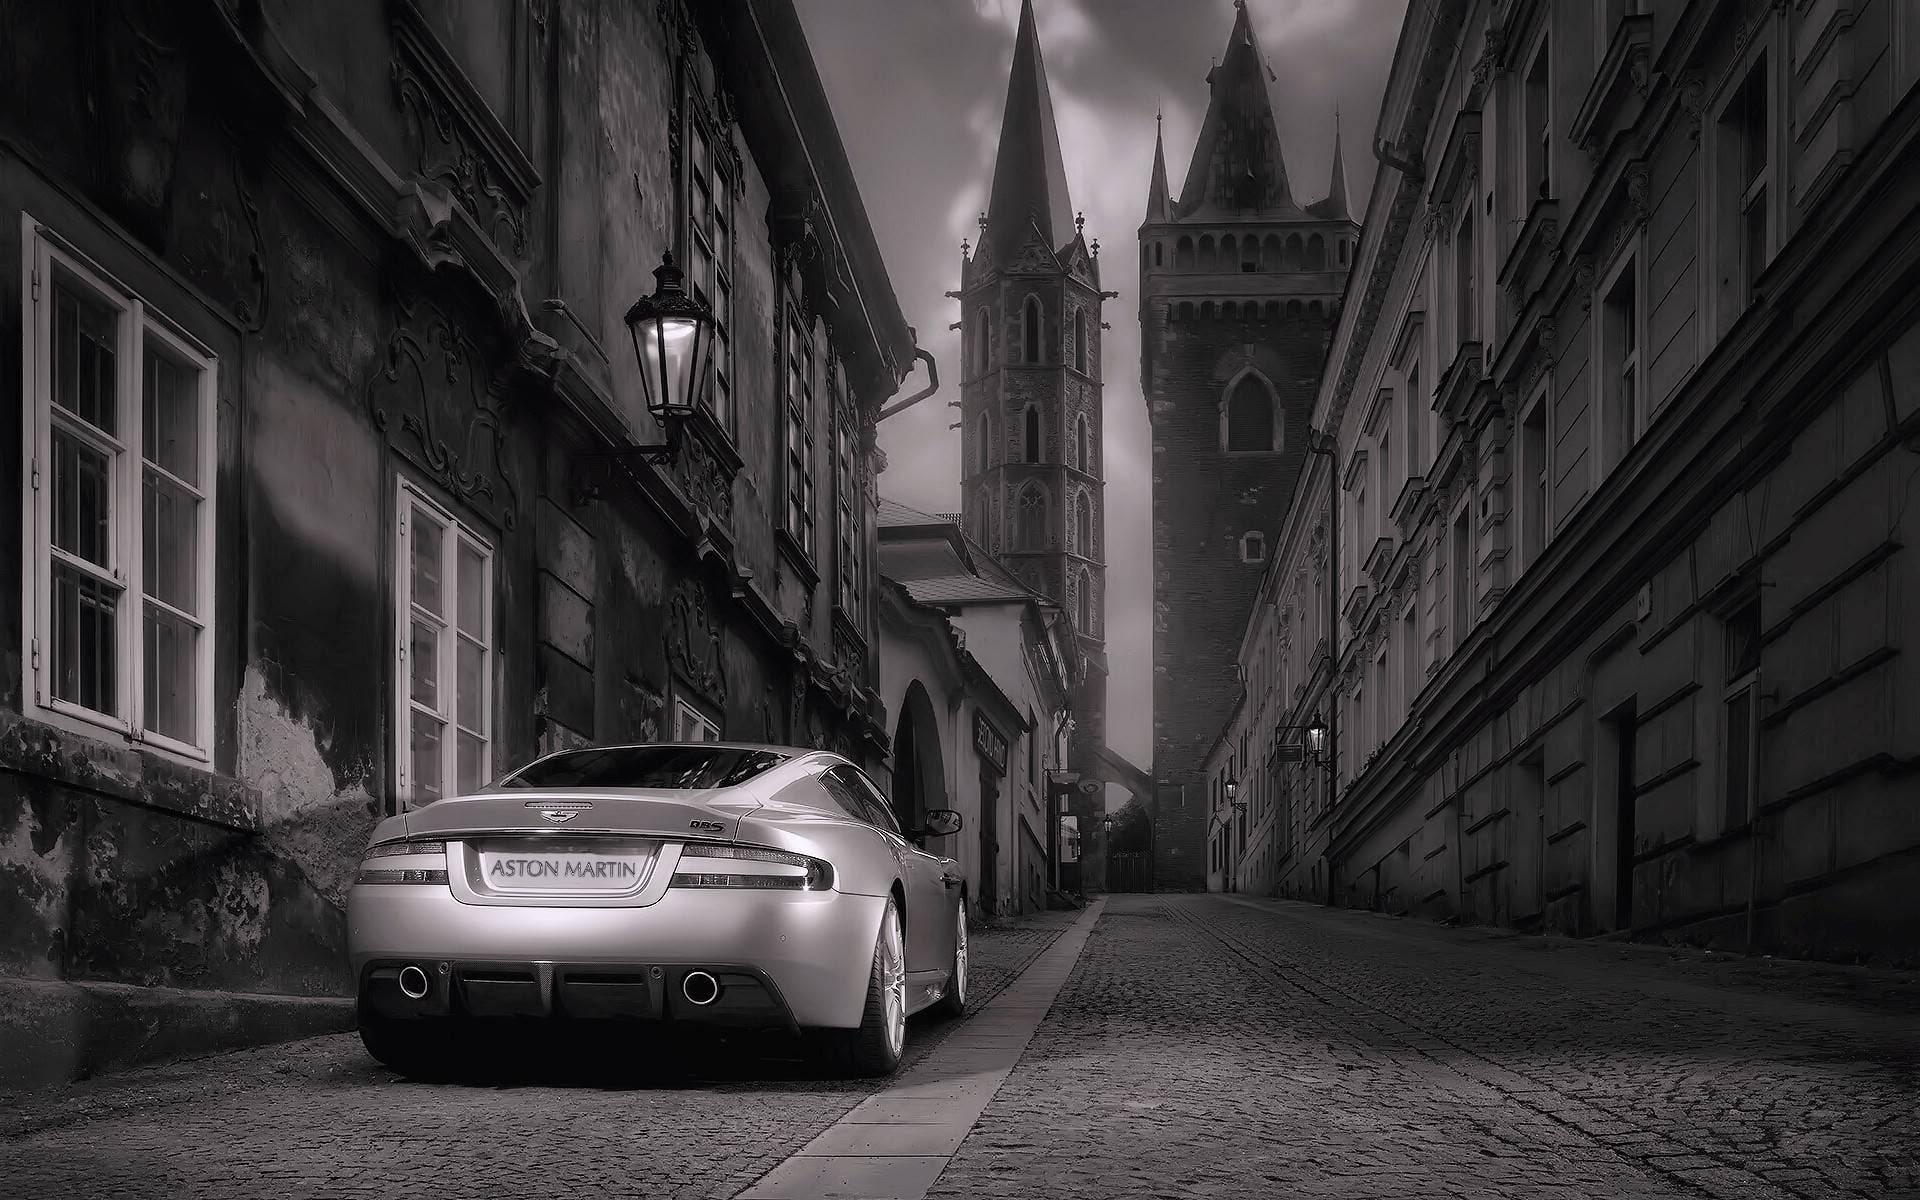 صورة لسيارة ابيض في اسود - black and wight car in the street